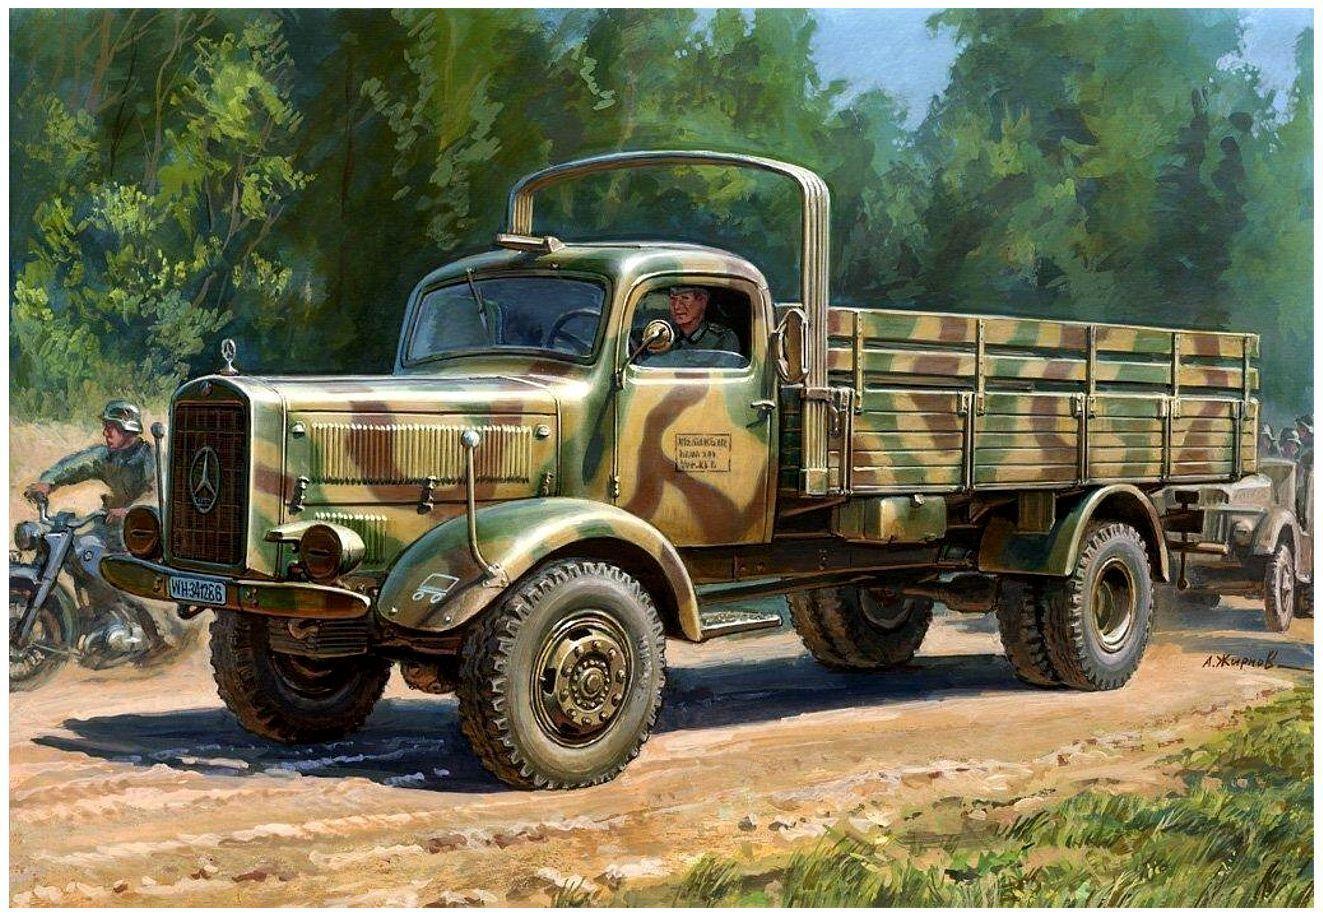 Pin En Dibujos Y Pinturas Militares